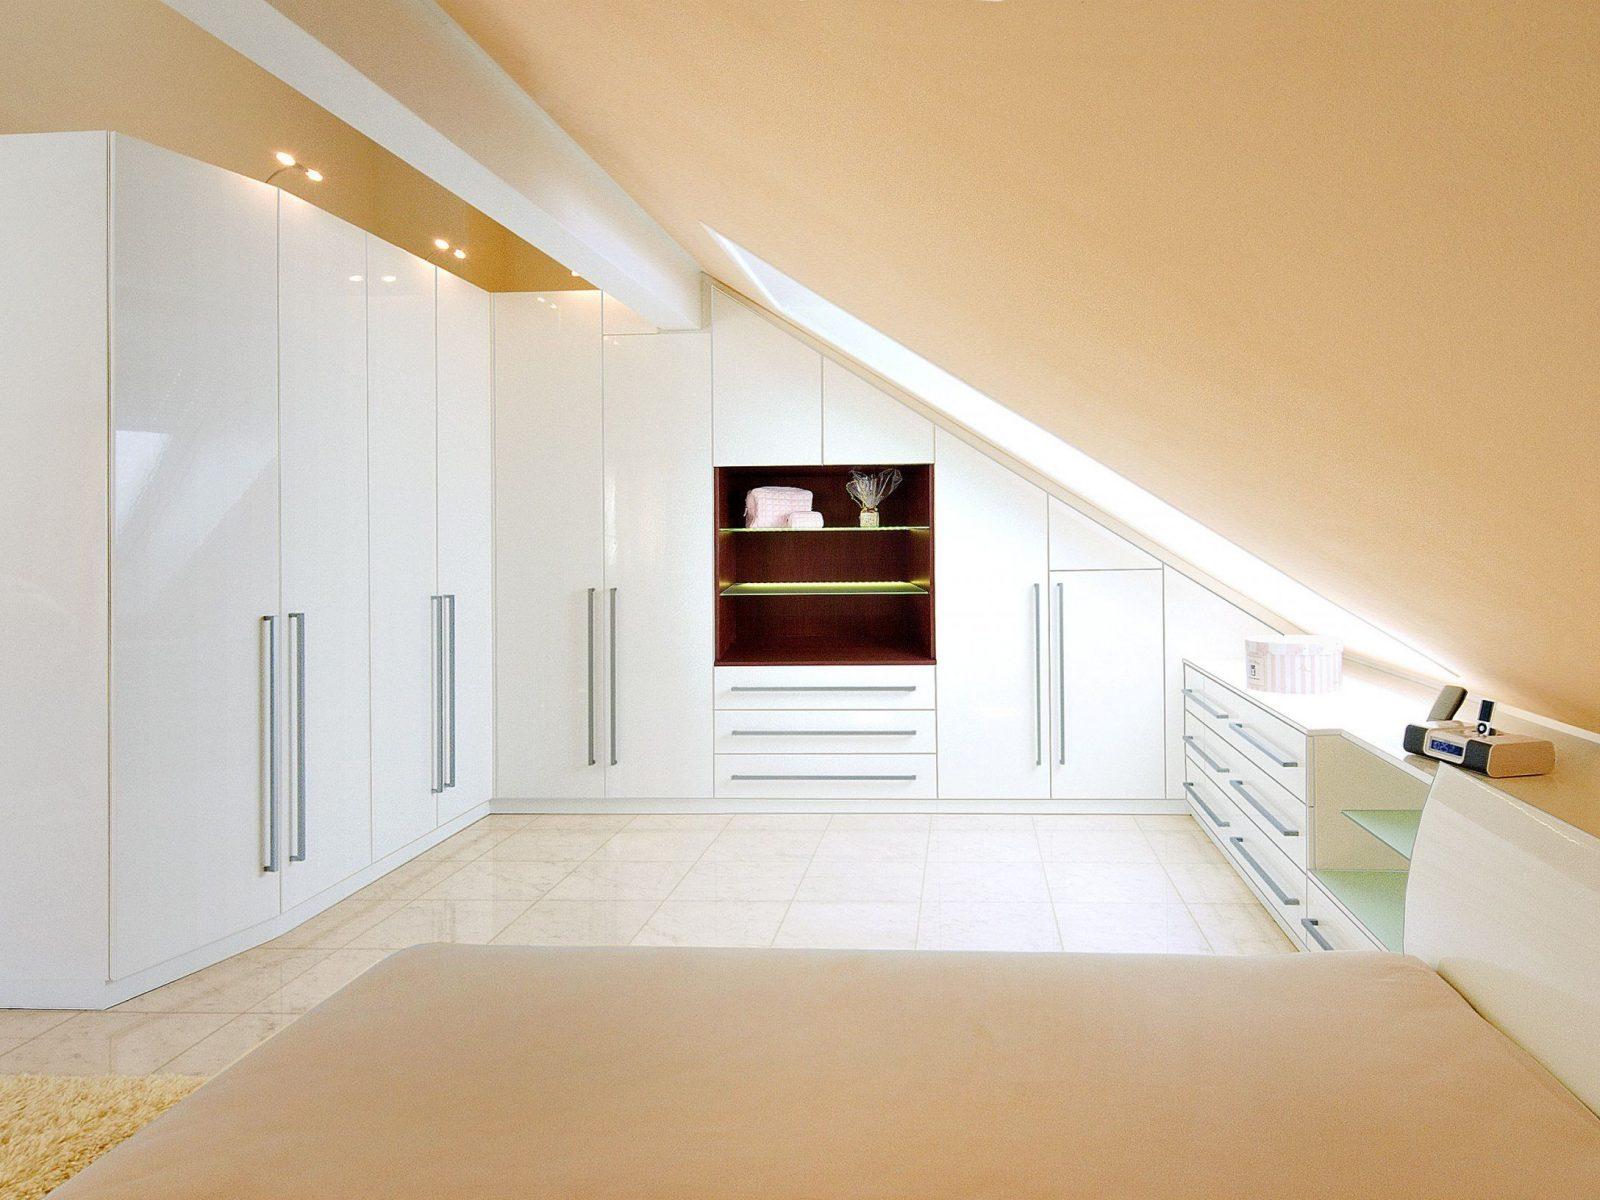 ... Dazzling Ideas Zimmer Mit Dachschräge Tapezieren Home Design Ideas Von  Zimmer Mit Dachschrägen Tapezieren Photo ...